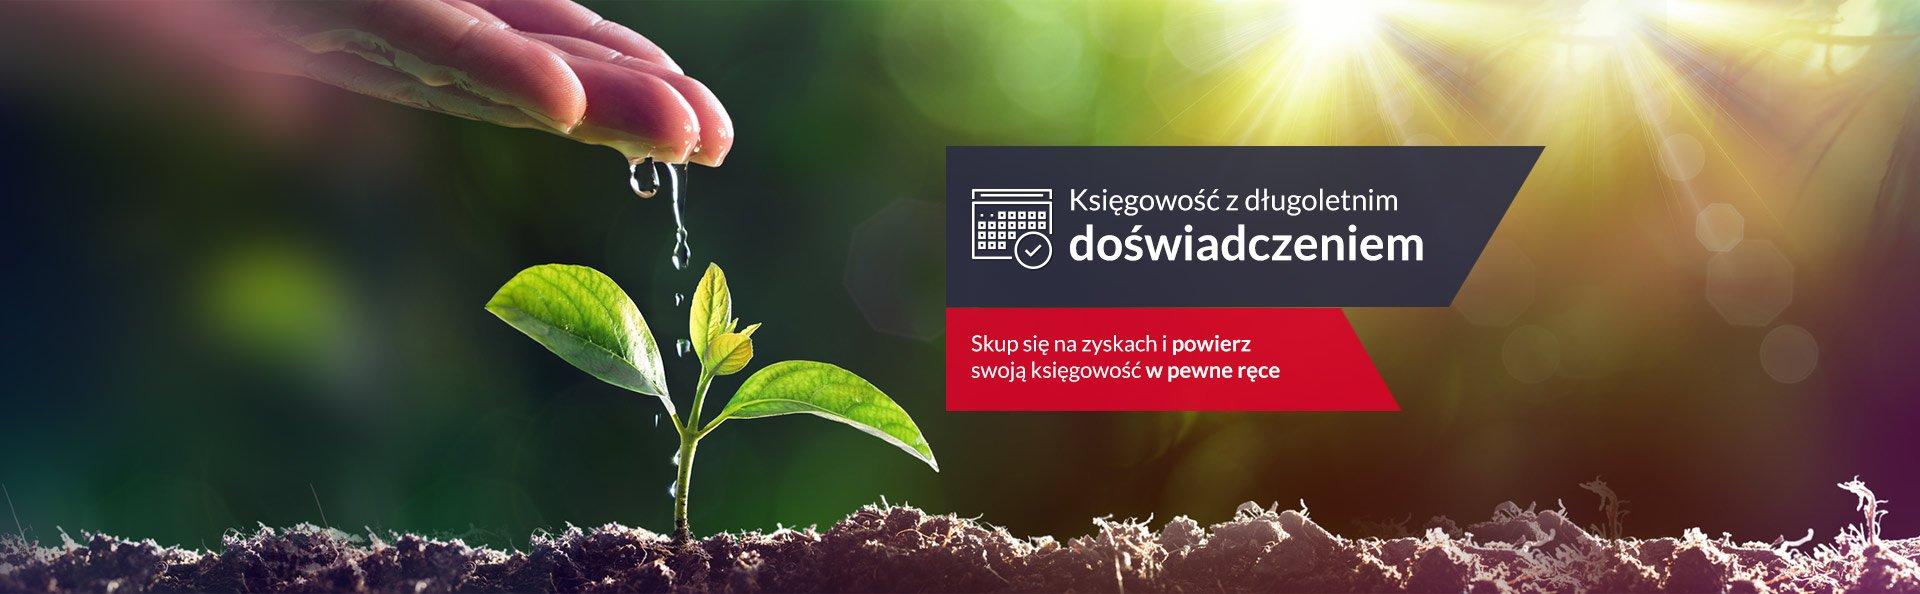 AXIO - Biuro rachunkowe i Księgowość Wieliczka